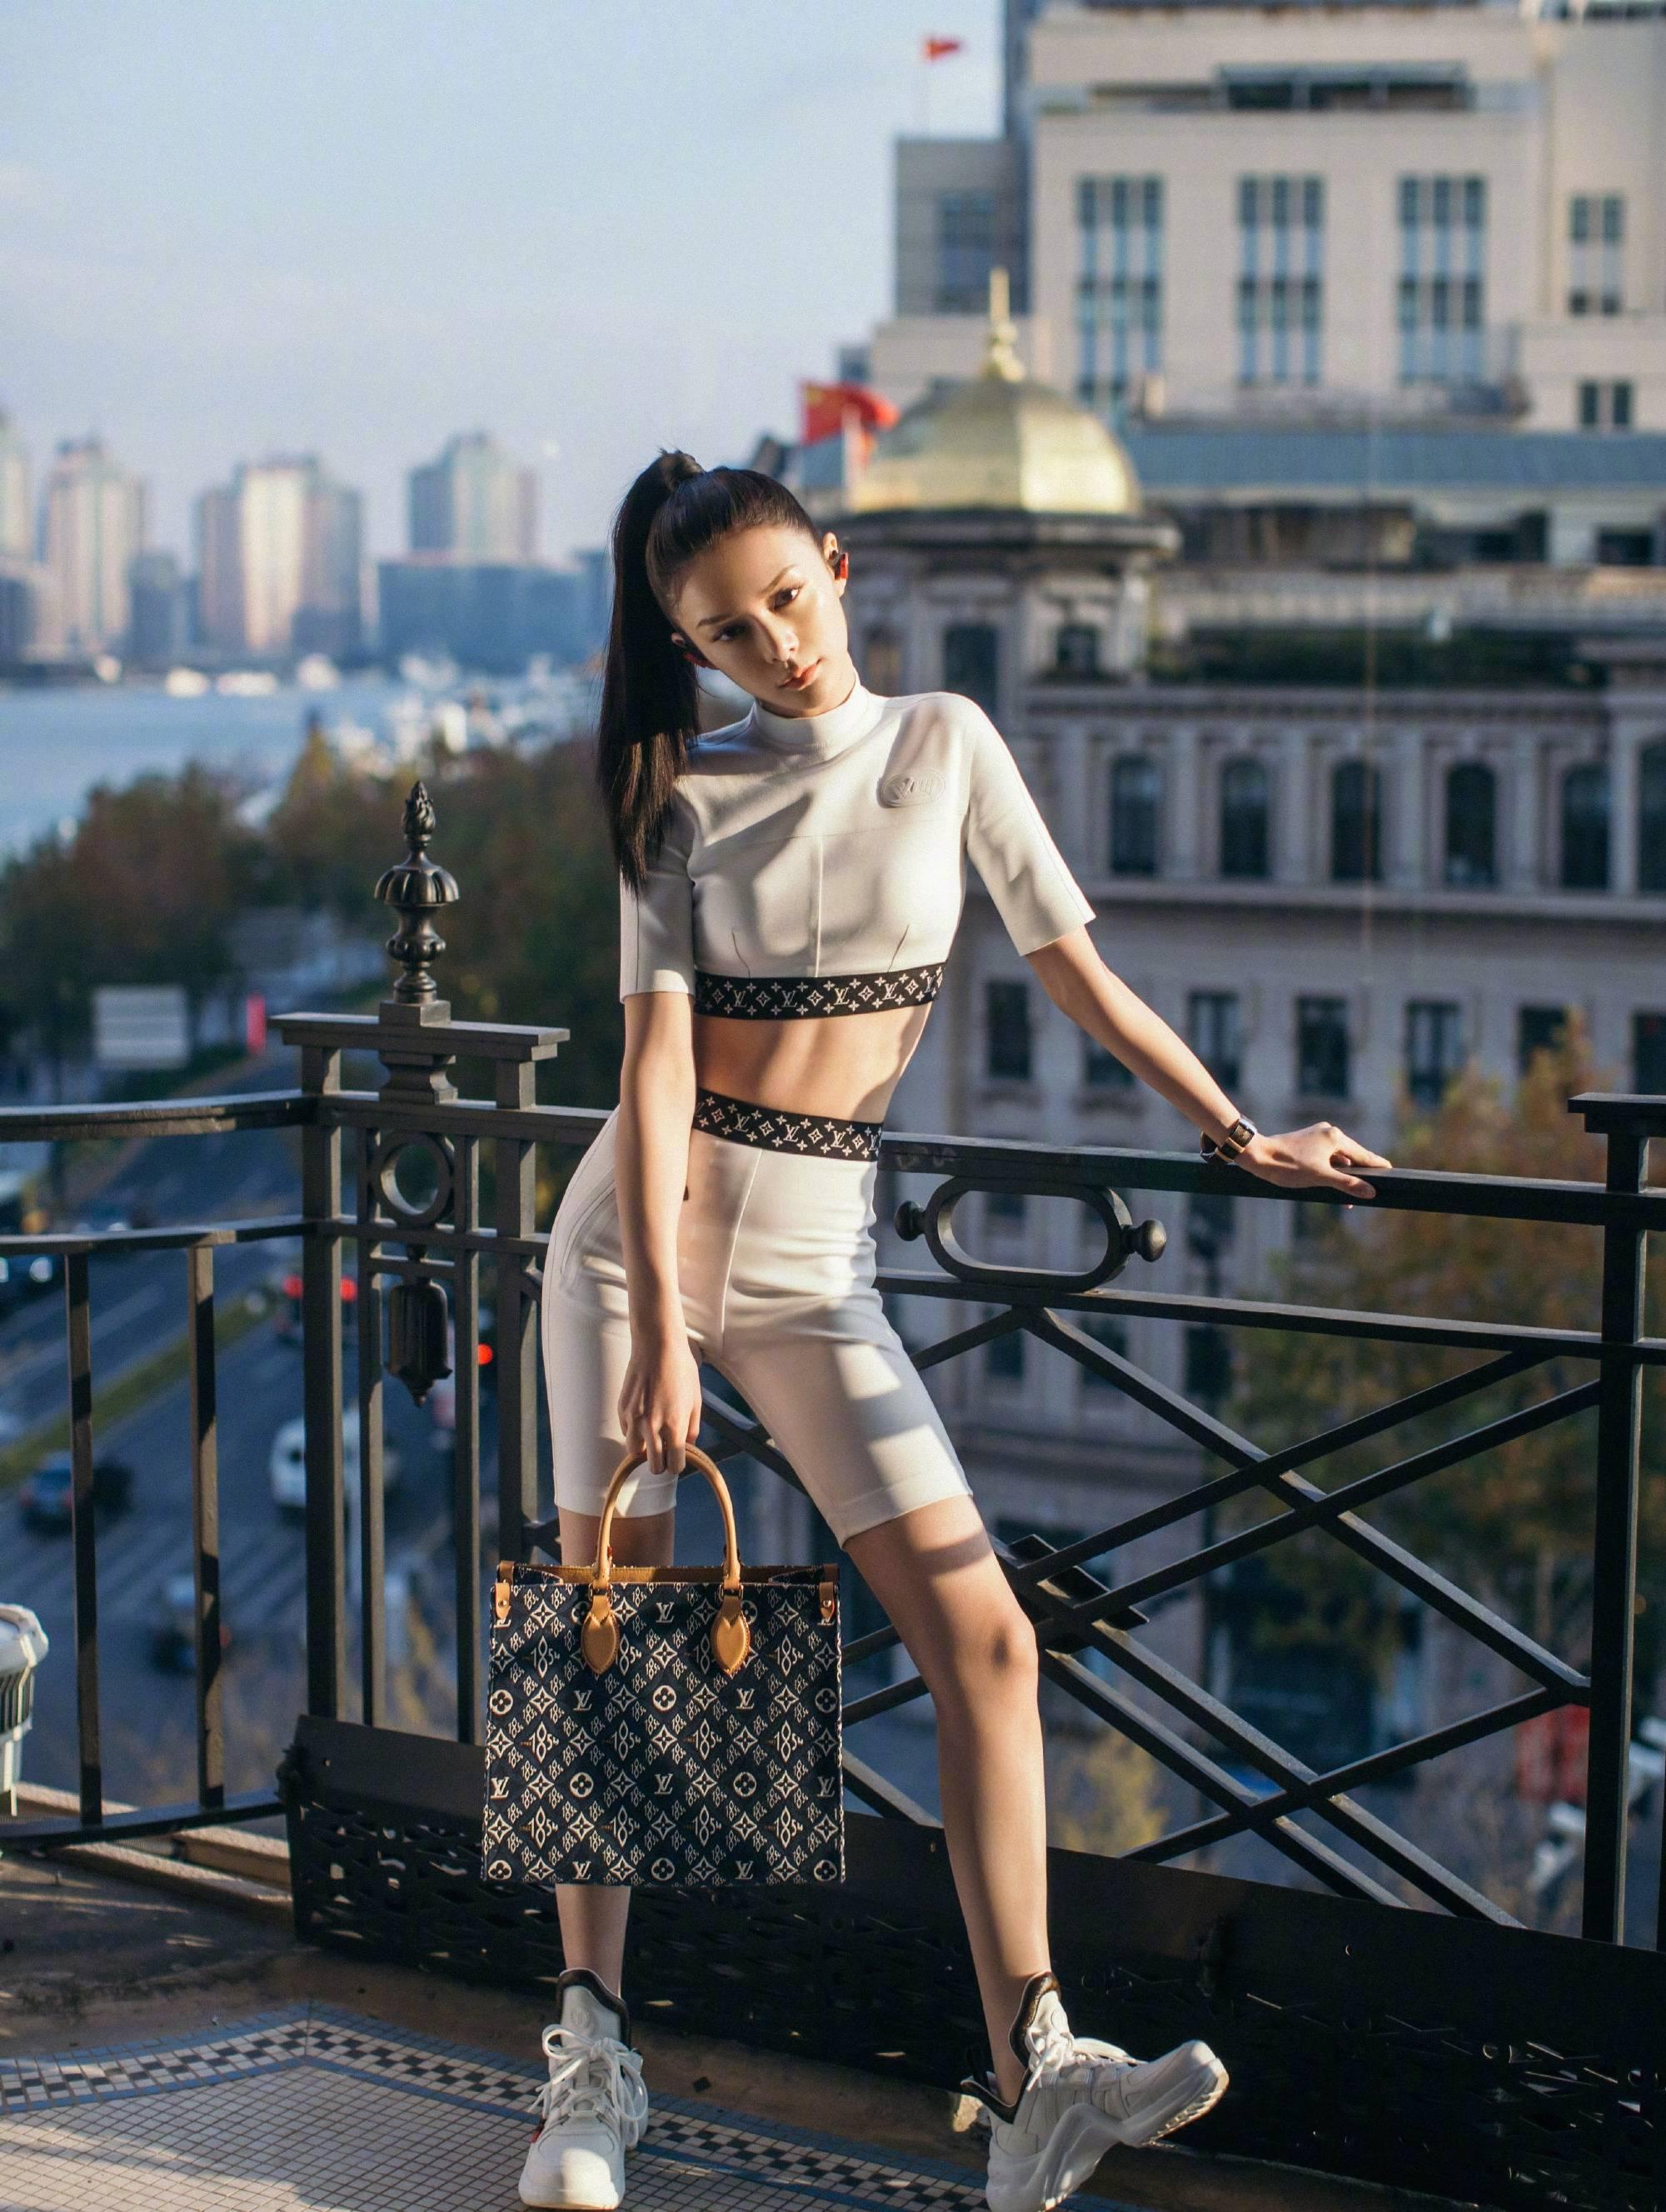 原创             傅菁清冷气质太吸睛,穿印花塑身套装展完美曲线,身材好极了